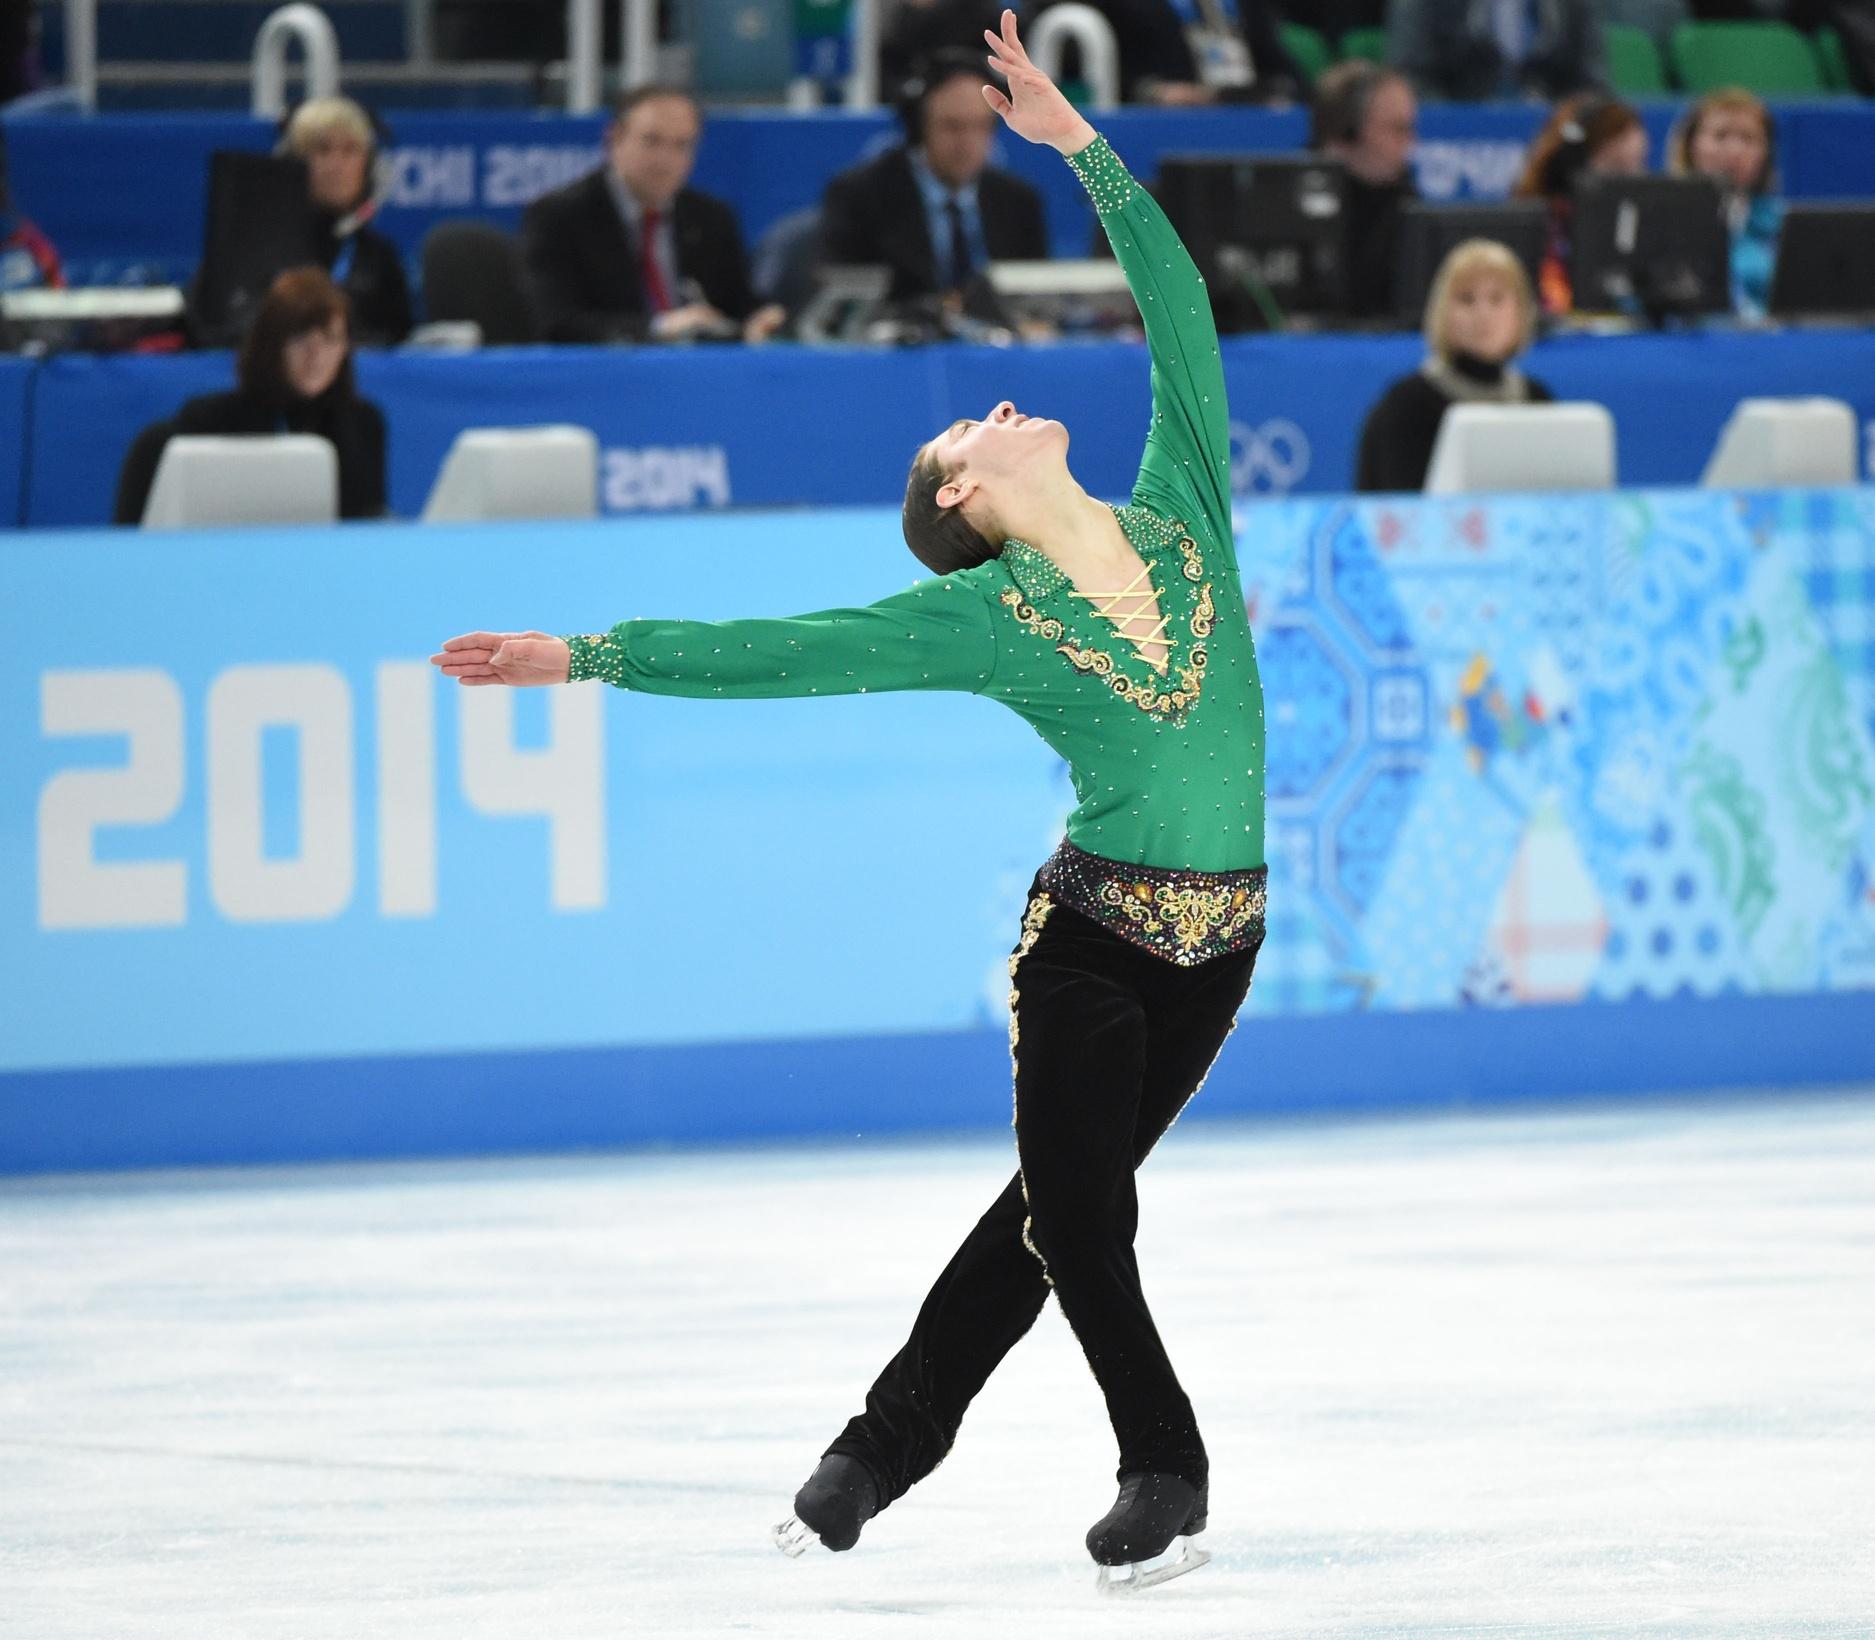 Джейсон Браун / Jason BROWN USA _Jason_Brown_of_the_U.S._bronze_medal_in_Sochi_2014_069465_